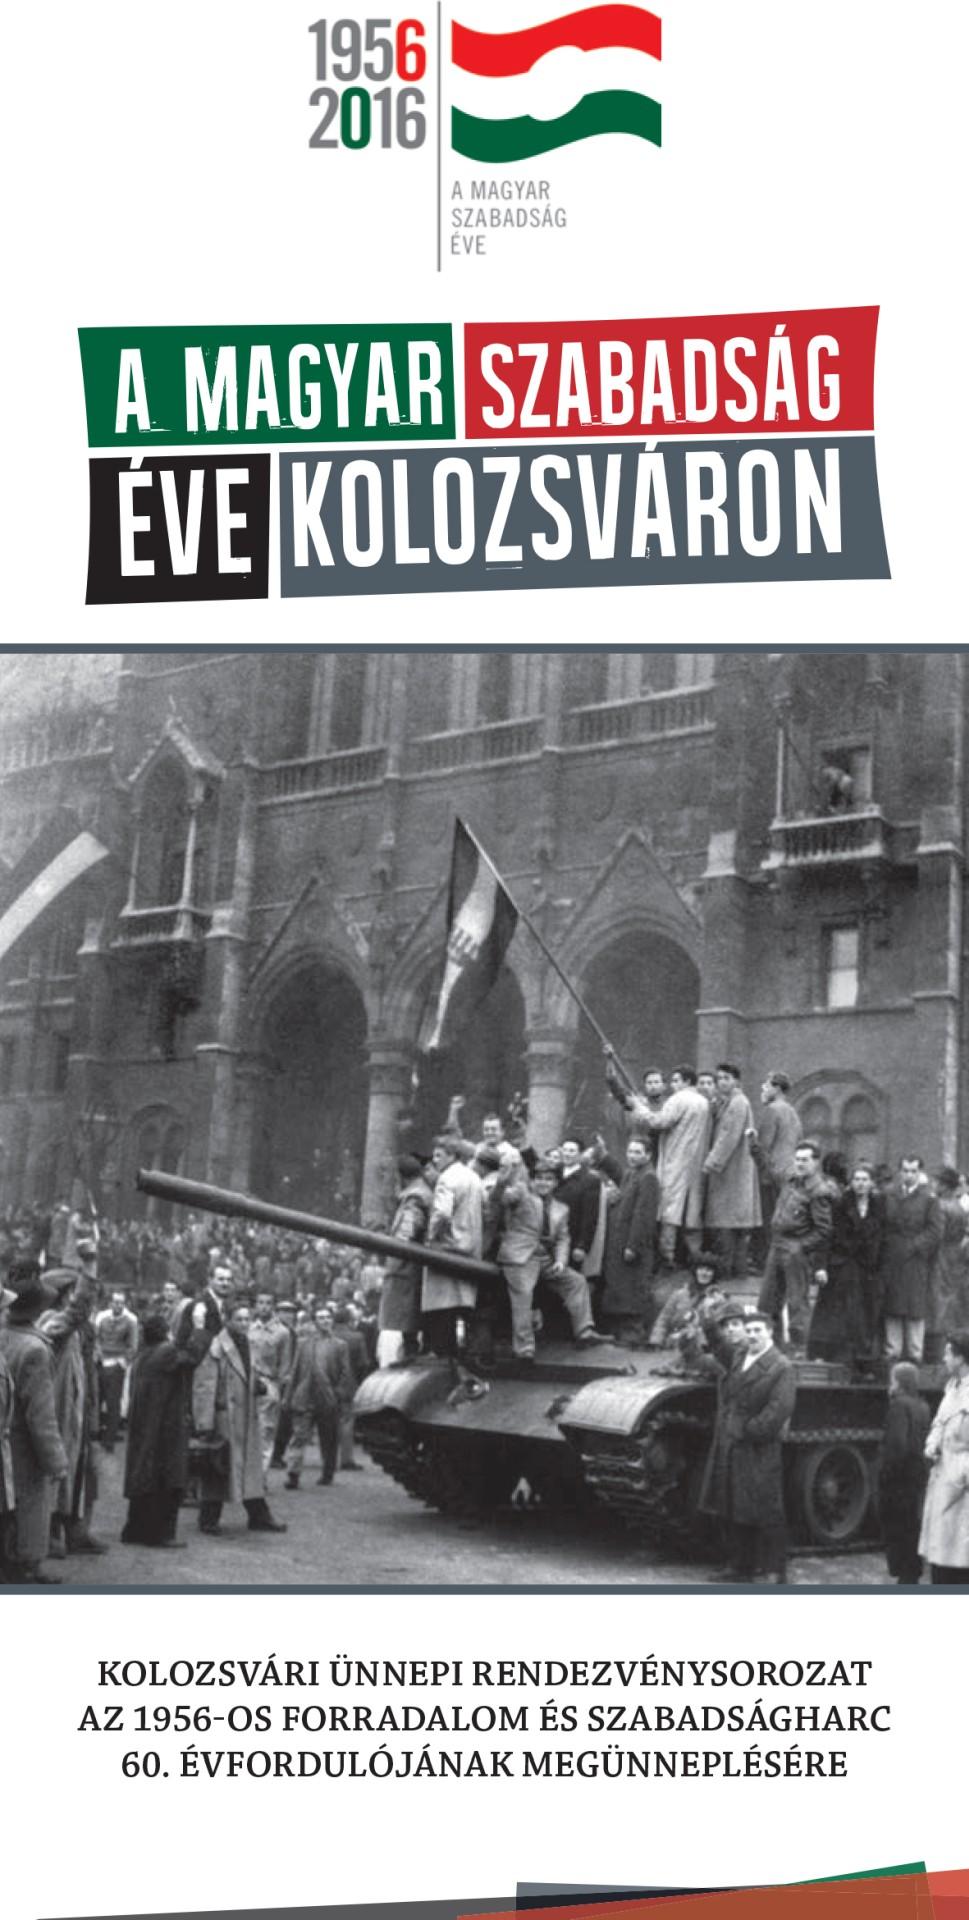 A magyar szabadság éve Kolozsváron